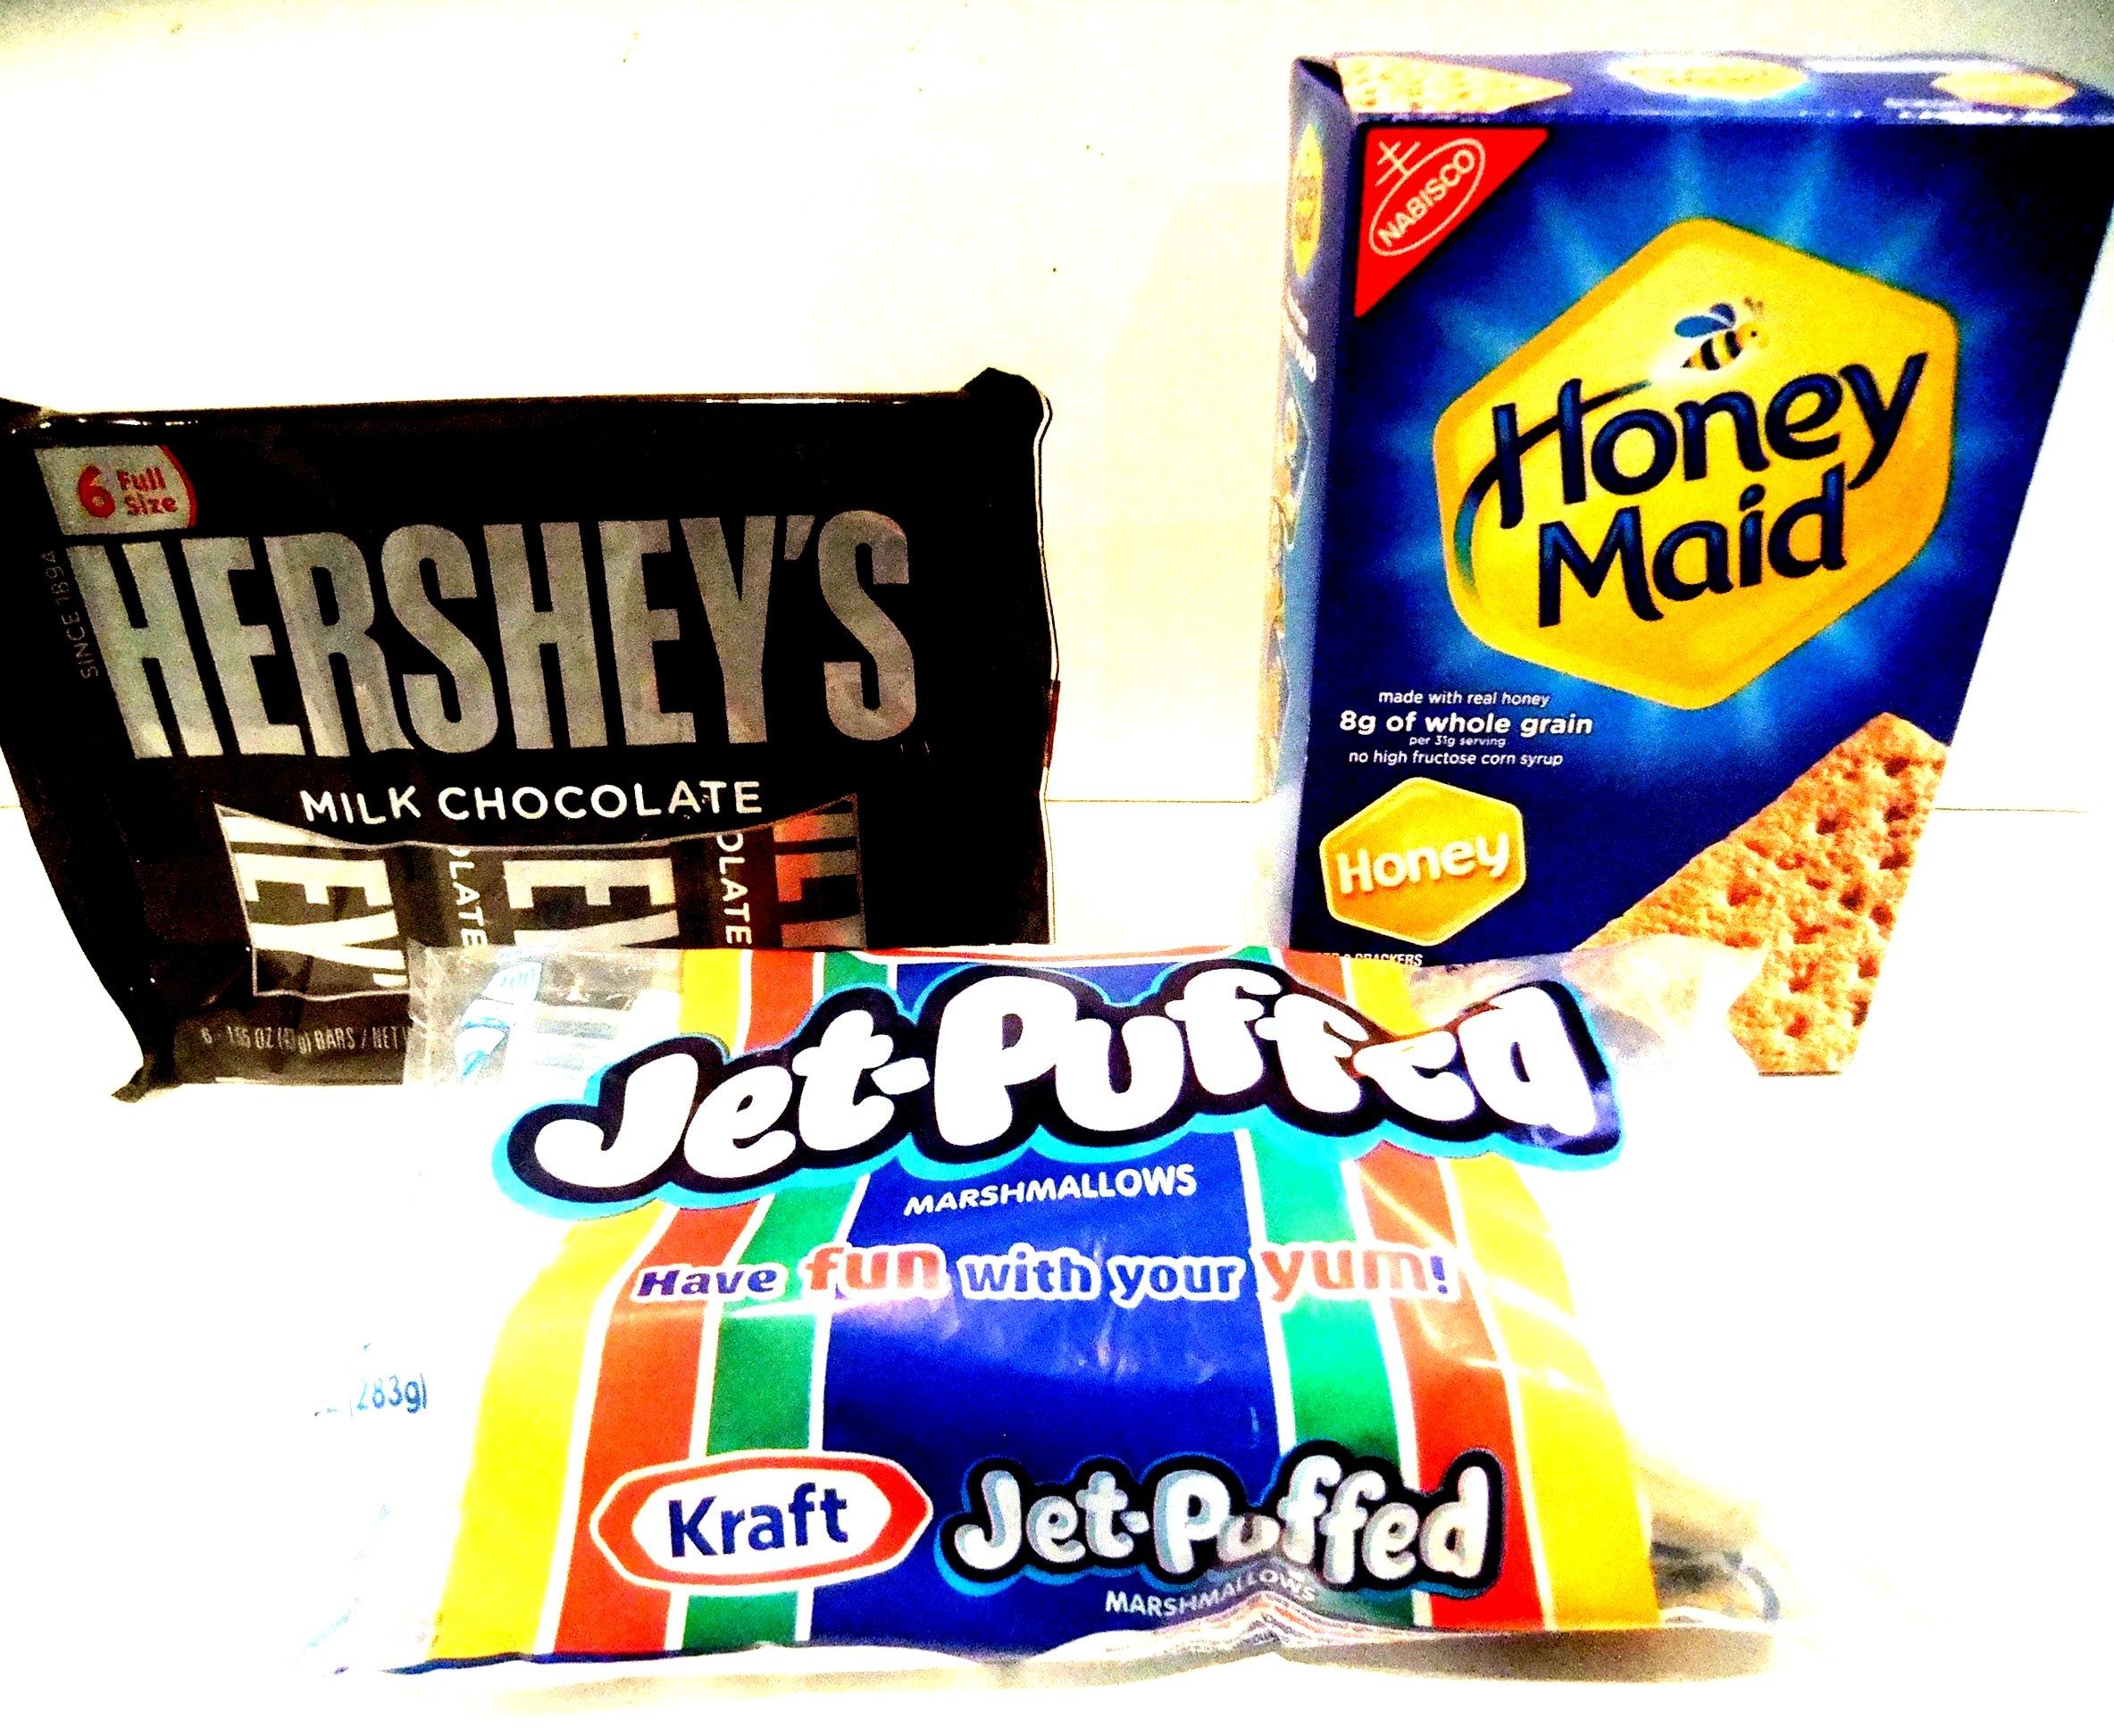 S'Mores Hershey's Chocolate Bars, Kraft Marshmallows & Honey Maid Graham Crackers